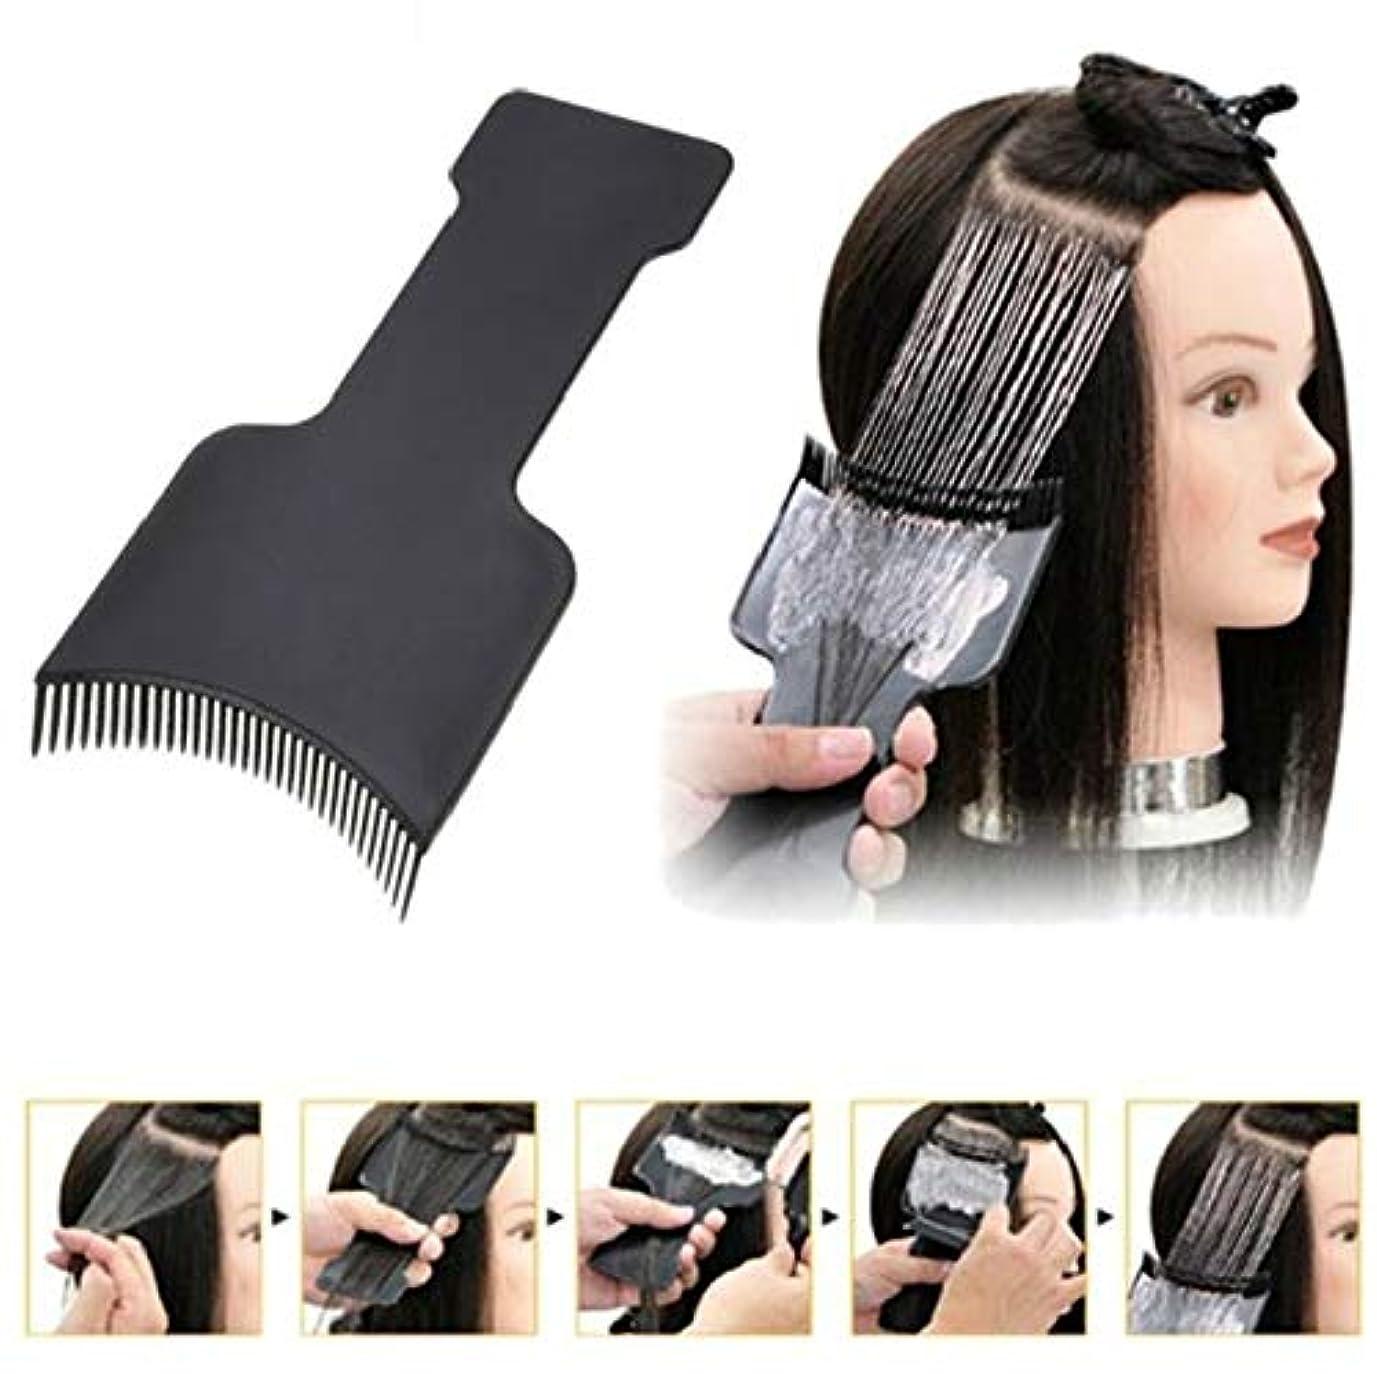 鏡詩まあ2 Size/set Professional Fashion Hairdressing Hair Applicator Brush Dispensing Salon Hair Coloring Dyeing Pick...